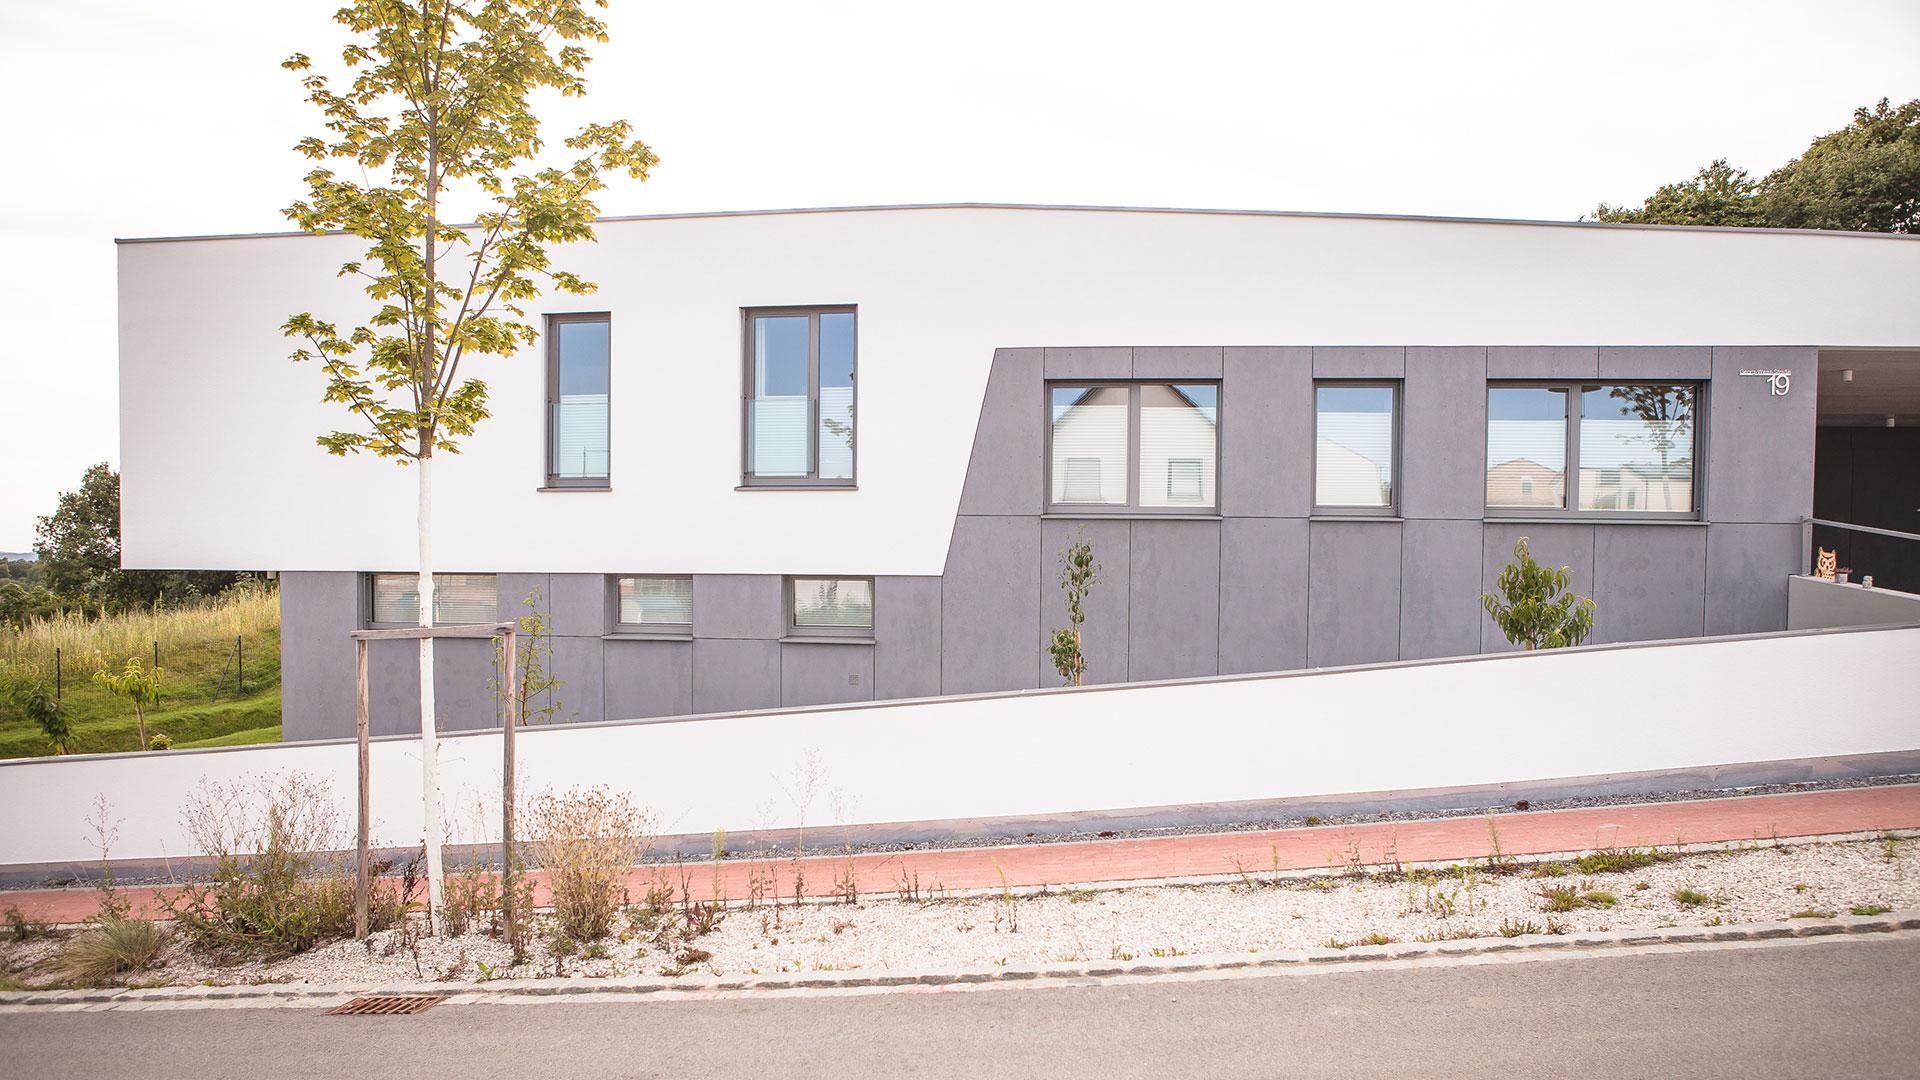 plusEnergieArchitektur Energieeffiziente Architektur